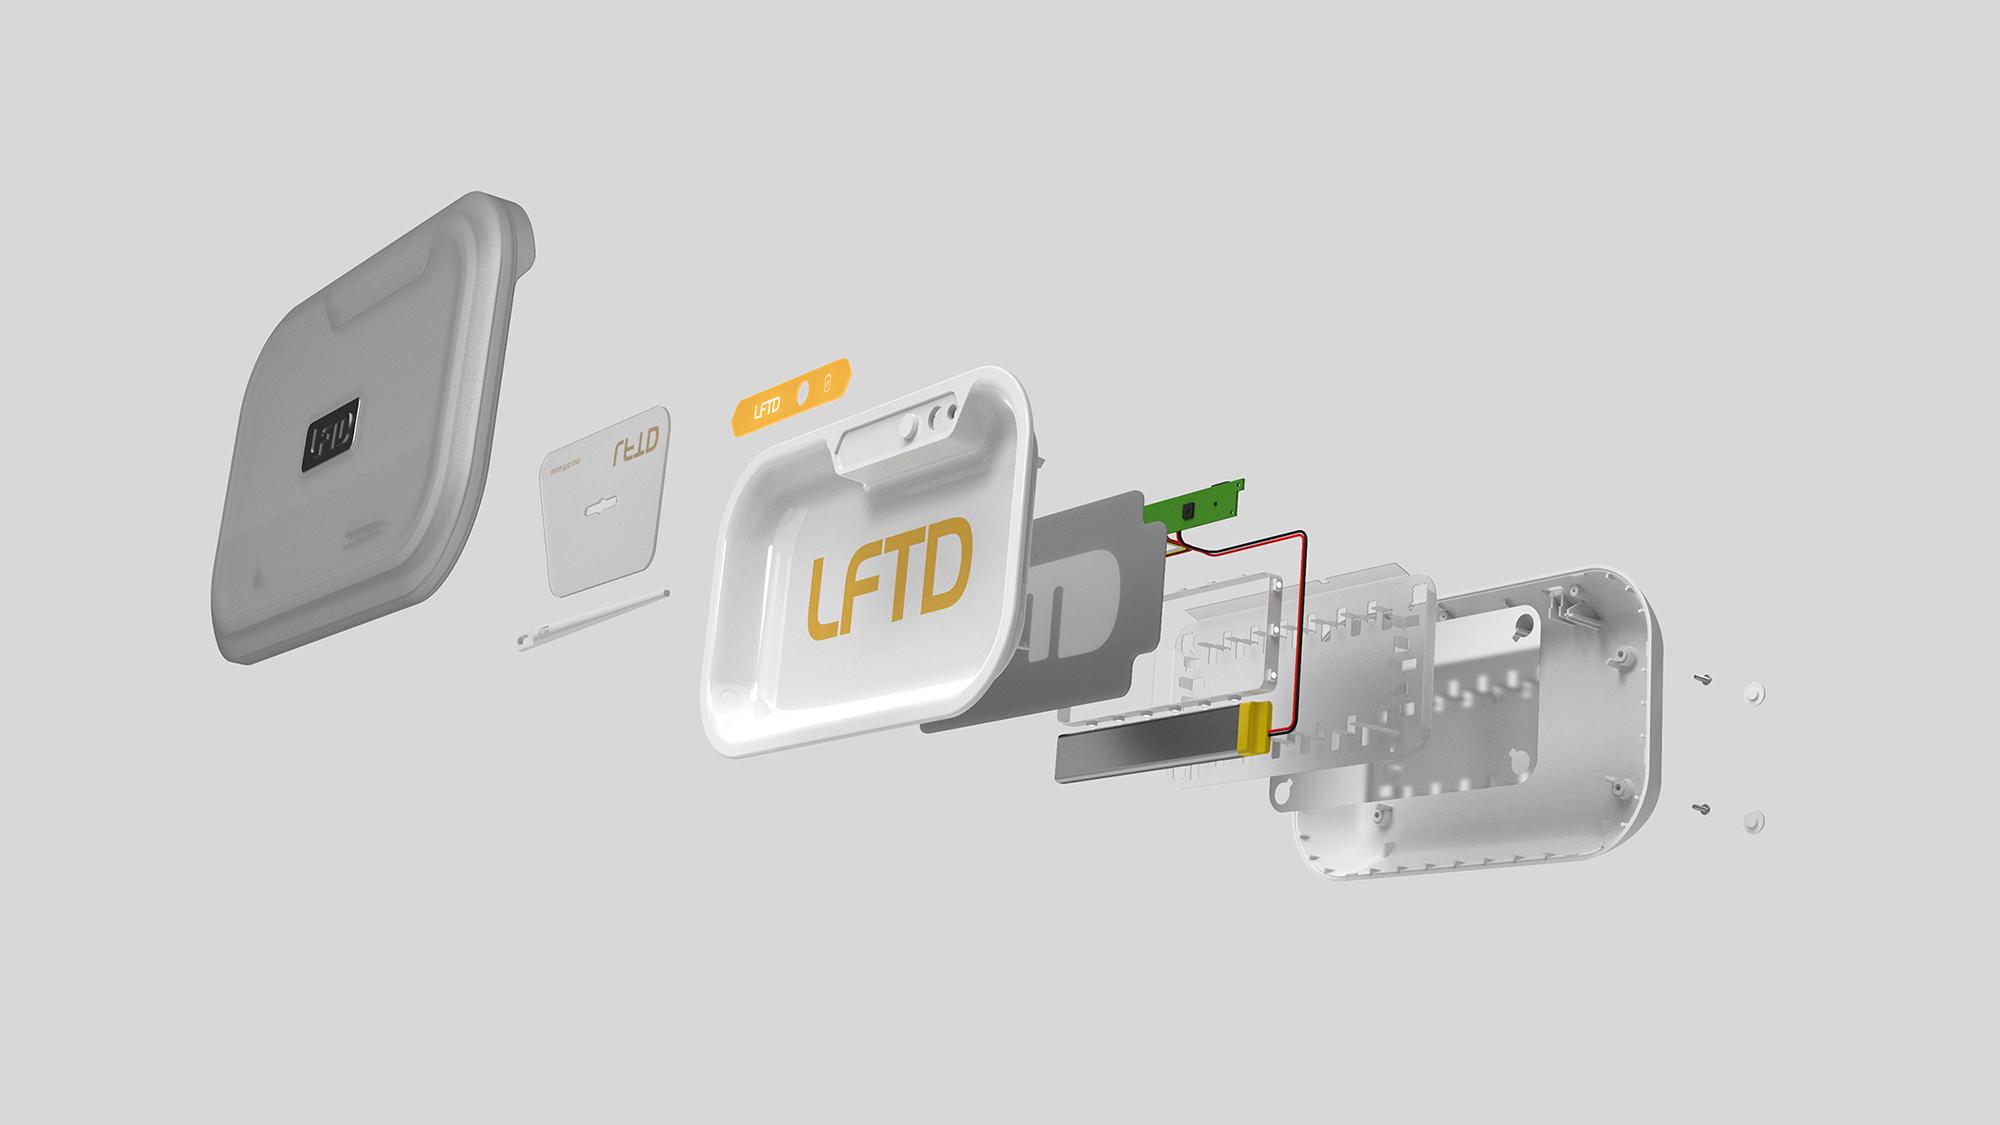 LFTD - Lit Tray